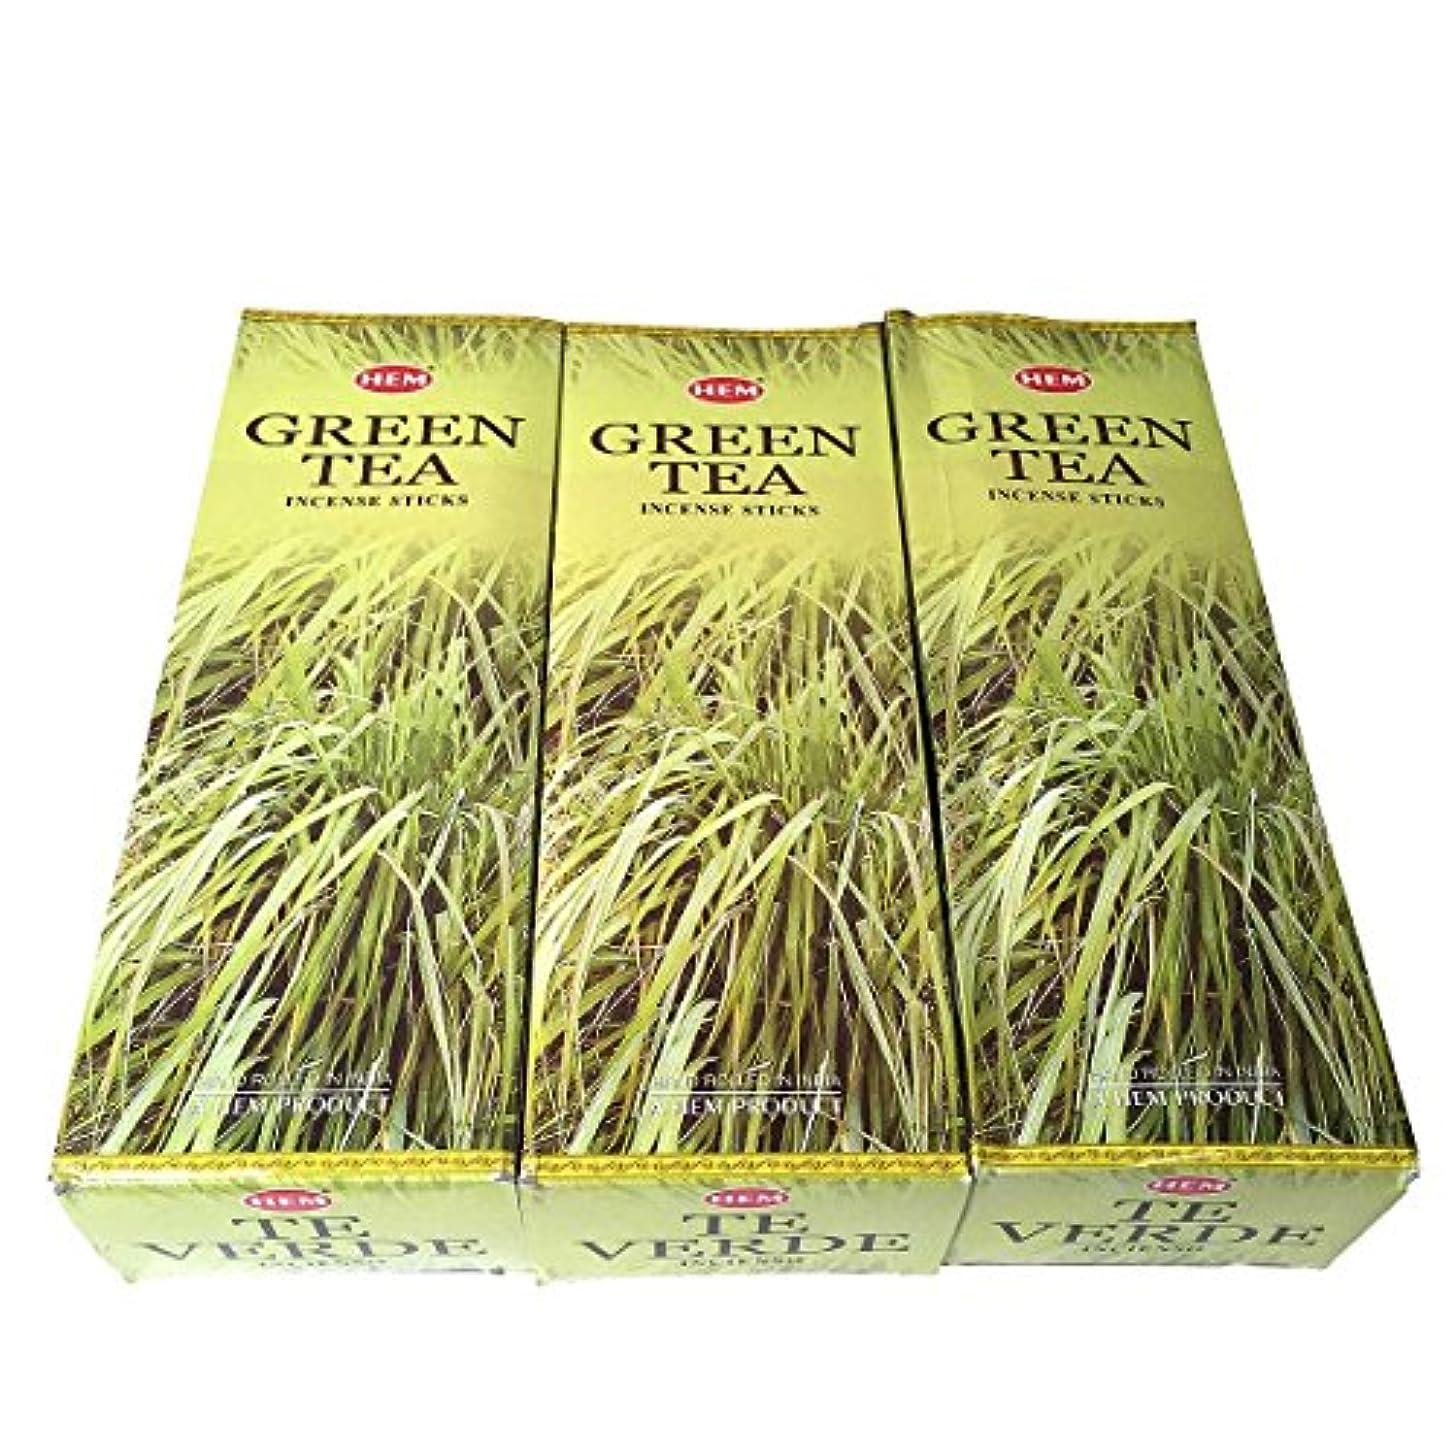 徒歩で計画的砲兵グリーンティー香スティック 3BOX(18箱) /HEM Green Tea/インセンス/インド香 お香 [並行輸入品]